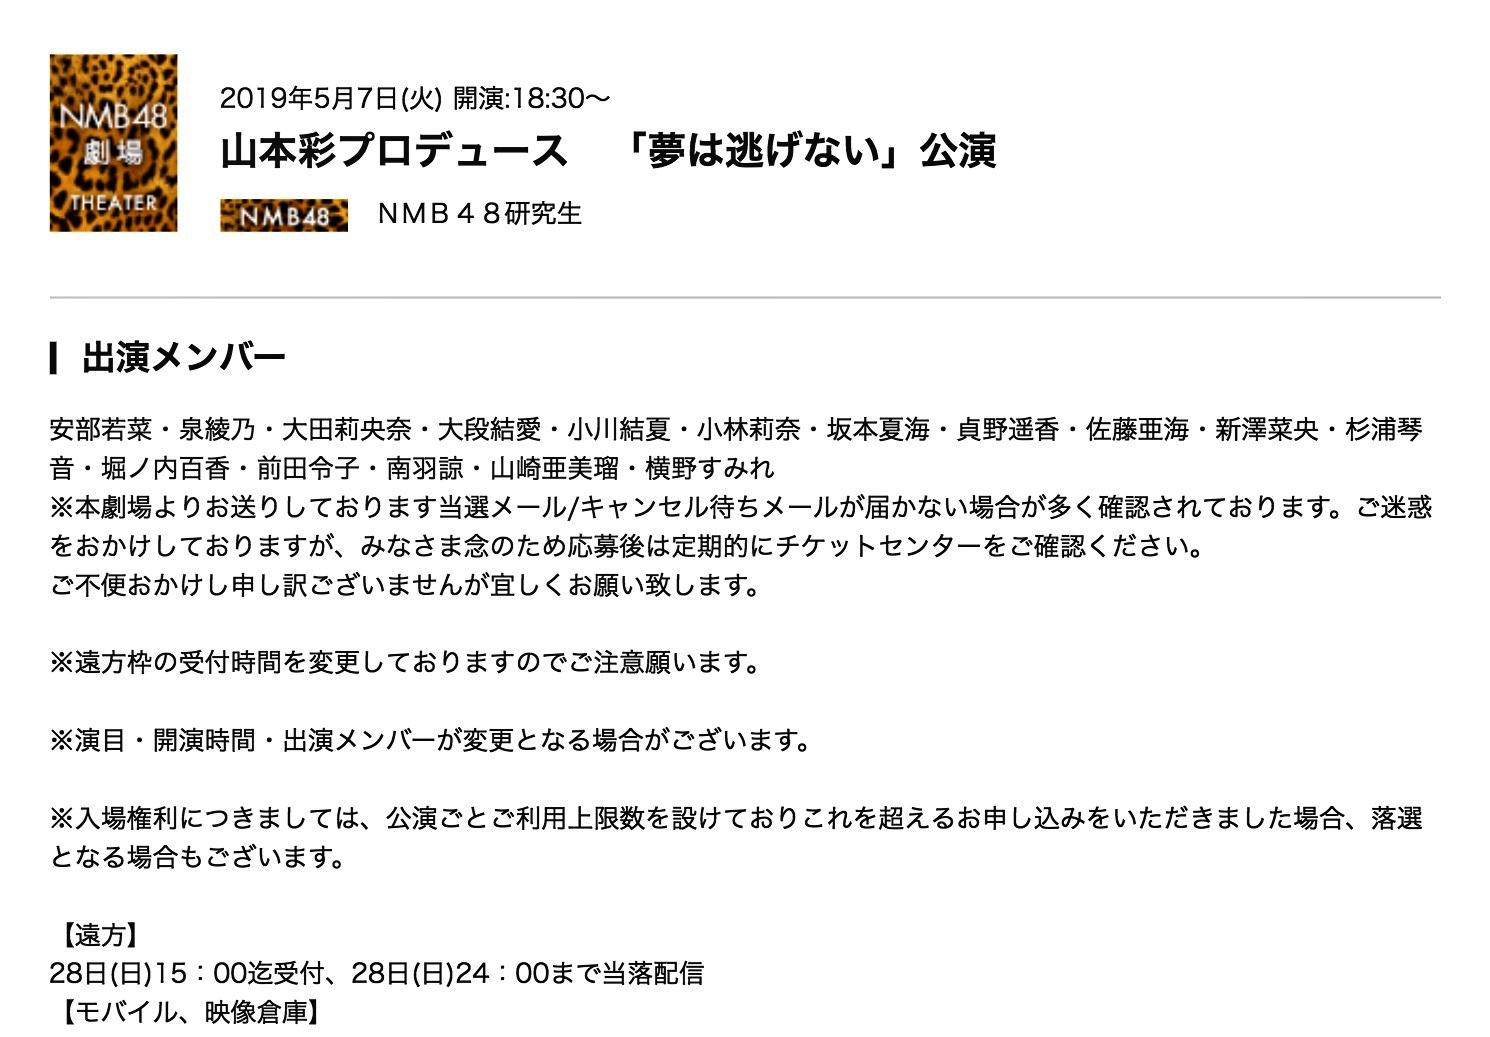 【横野すみれ】すーちゃんが5月7日の「夢は逃げない」公演で初日。